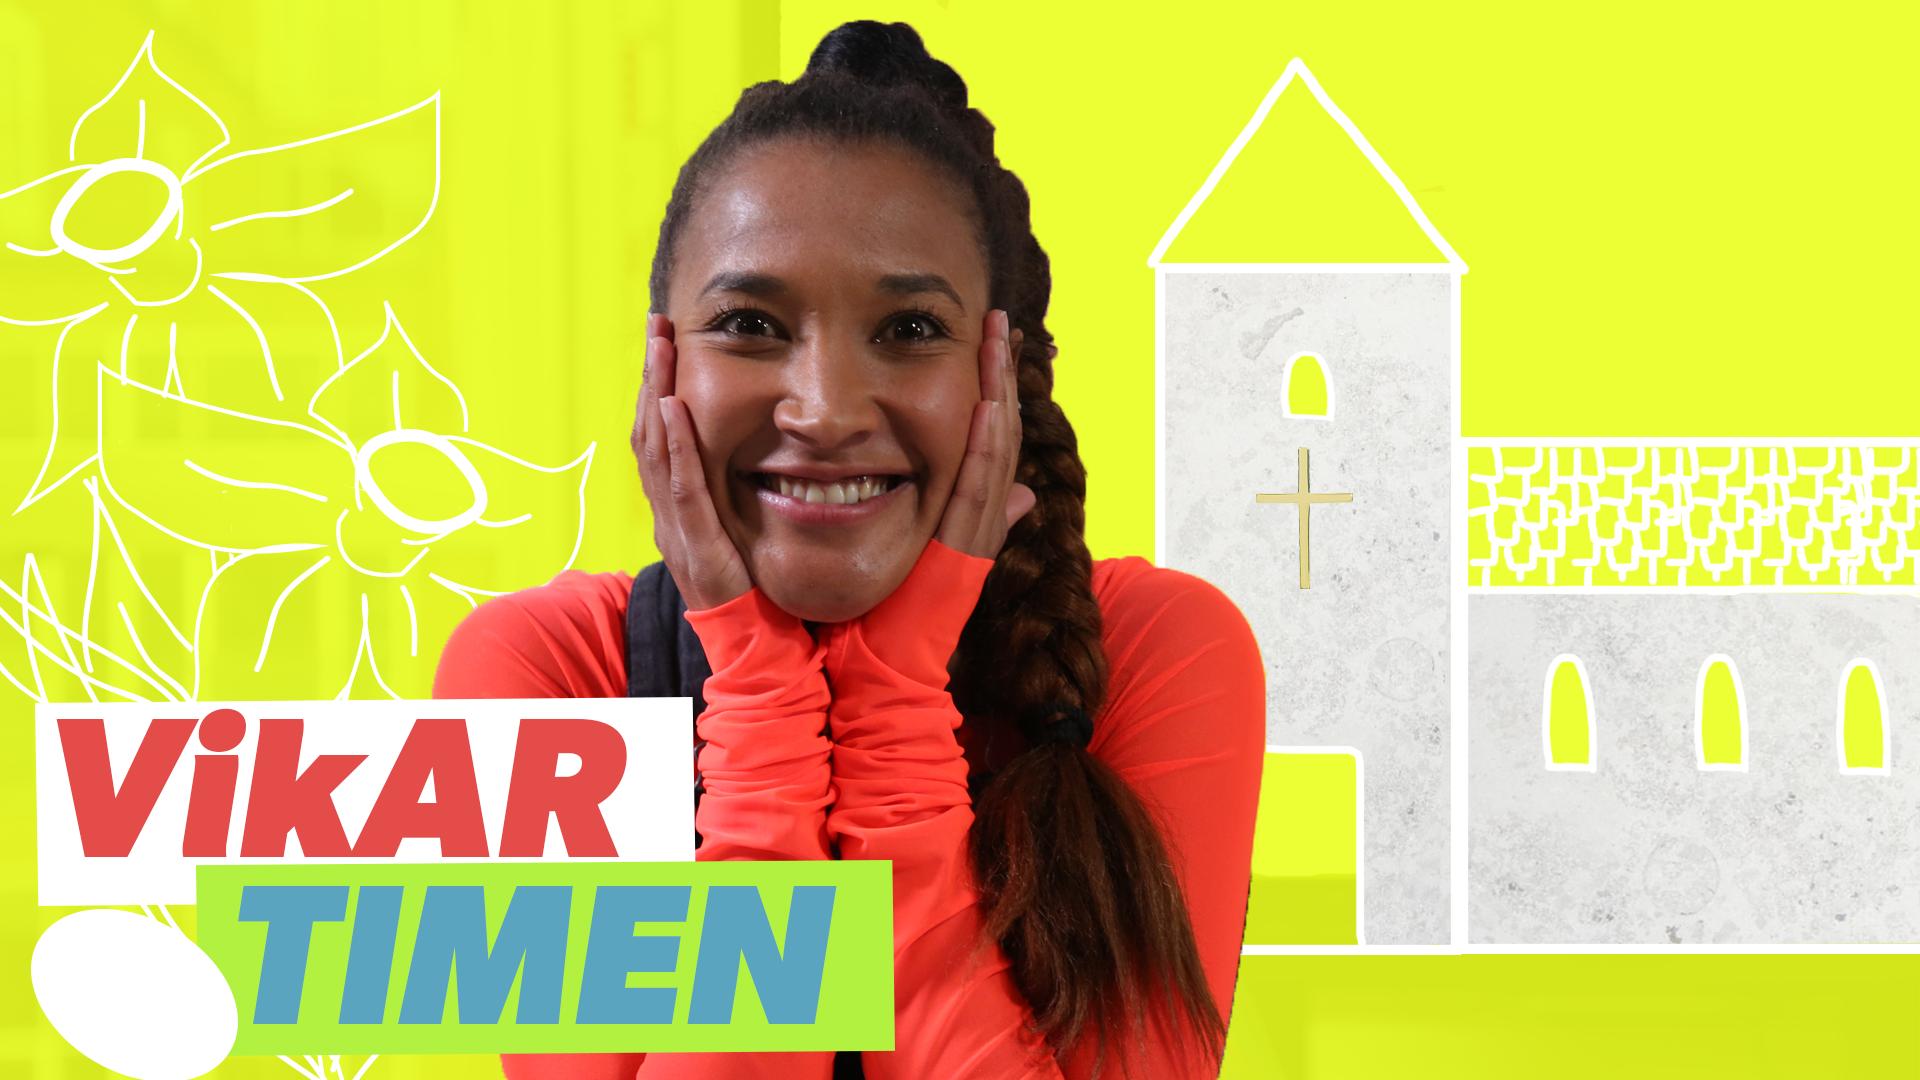 Vikartimen 0. til 3. klasse: Isabel får hjælp fra en præst til at lave sin egen påskefortælling